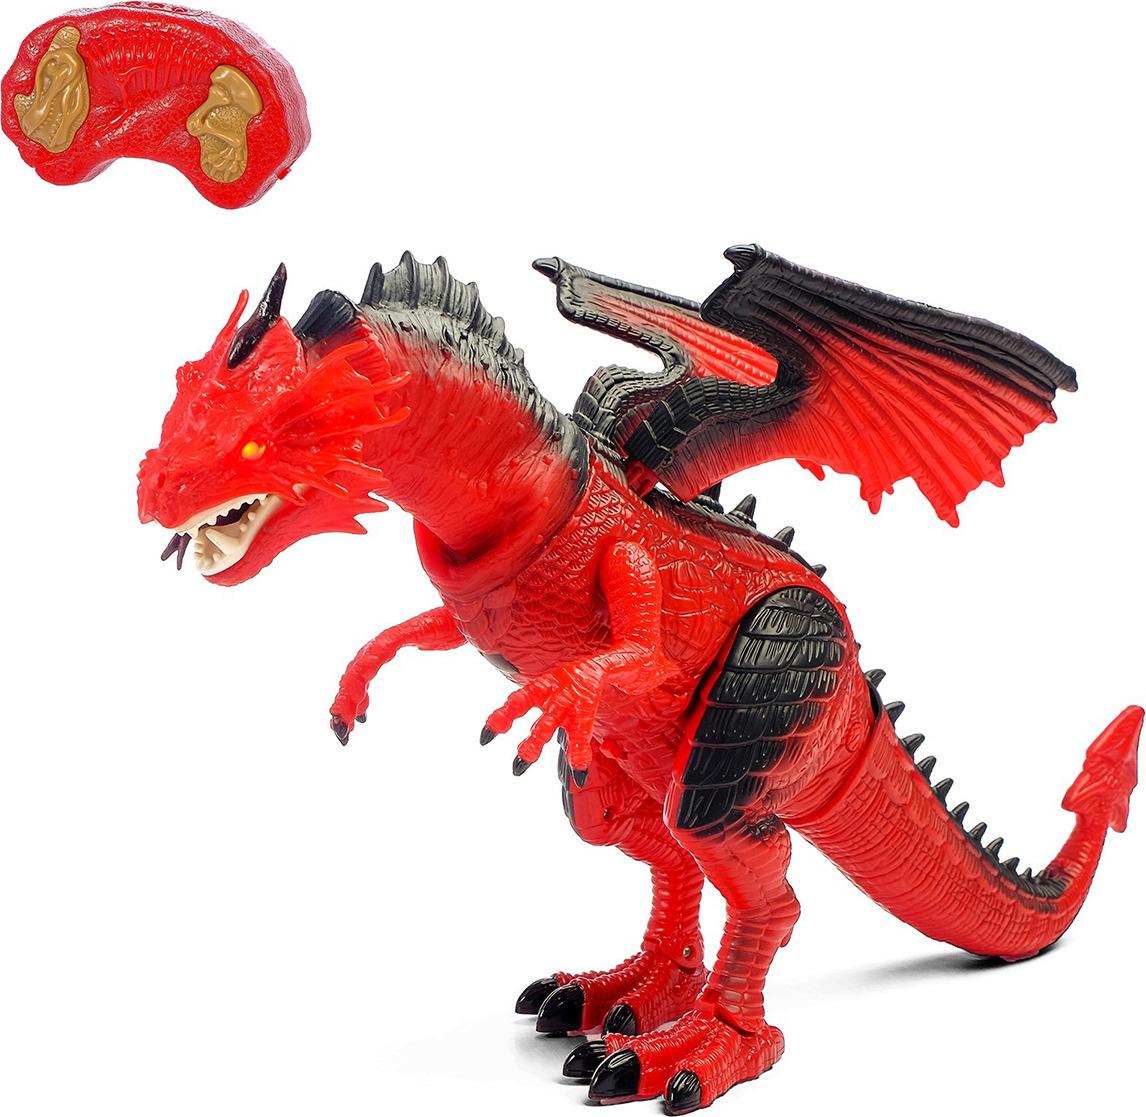 Игрушка радиоуправляемая Дракон, 2410036 радиоуправляемая игрушка airhogs вертолёт с камерой черный